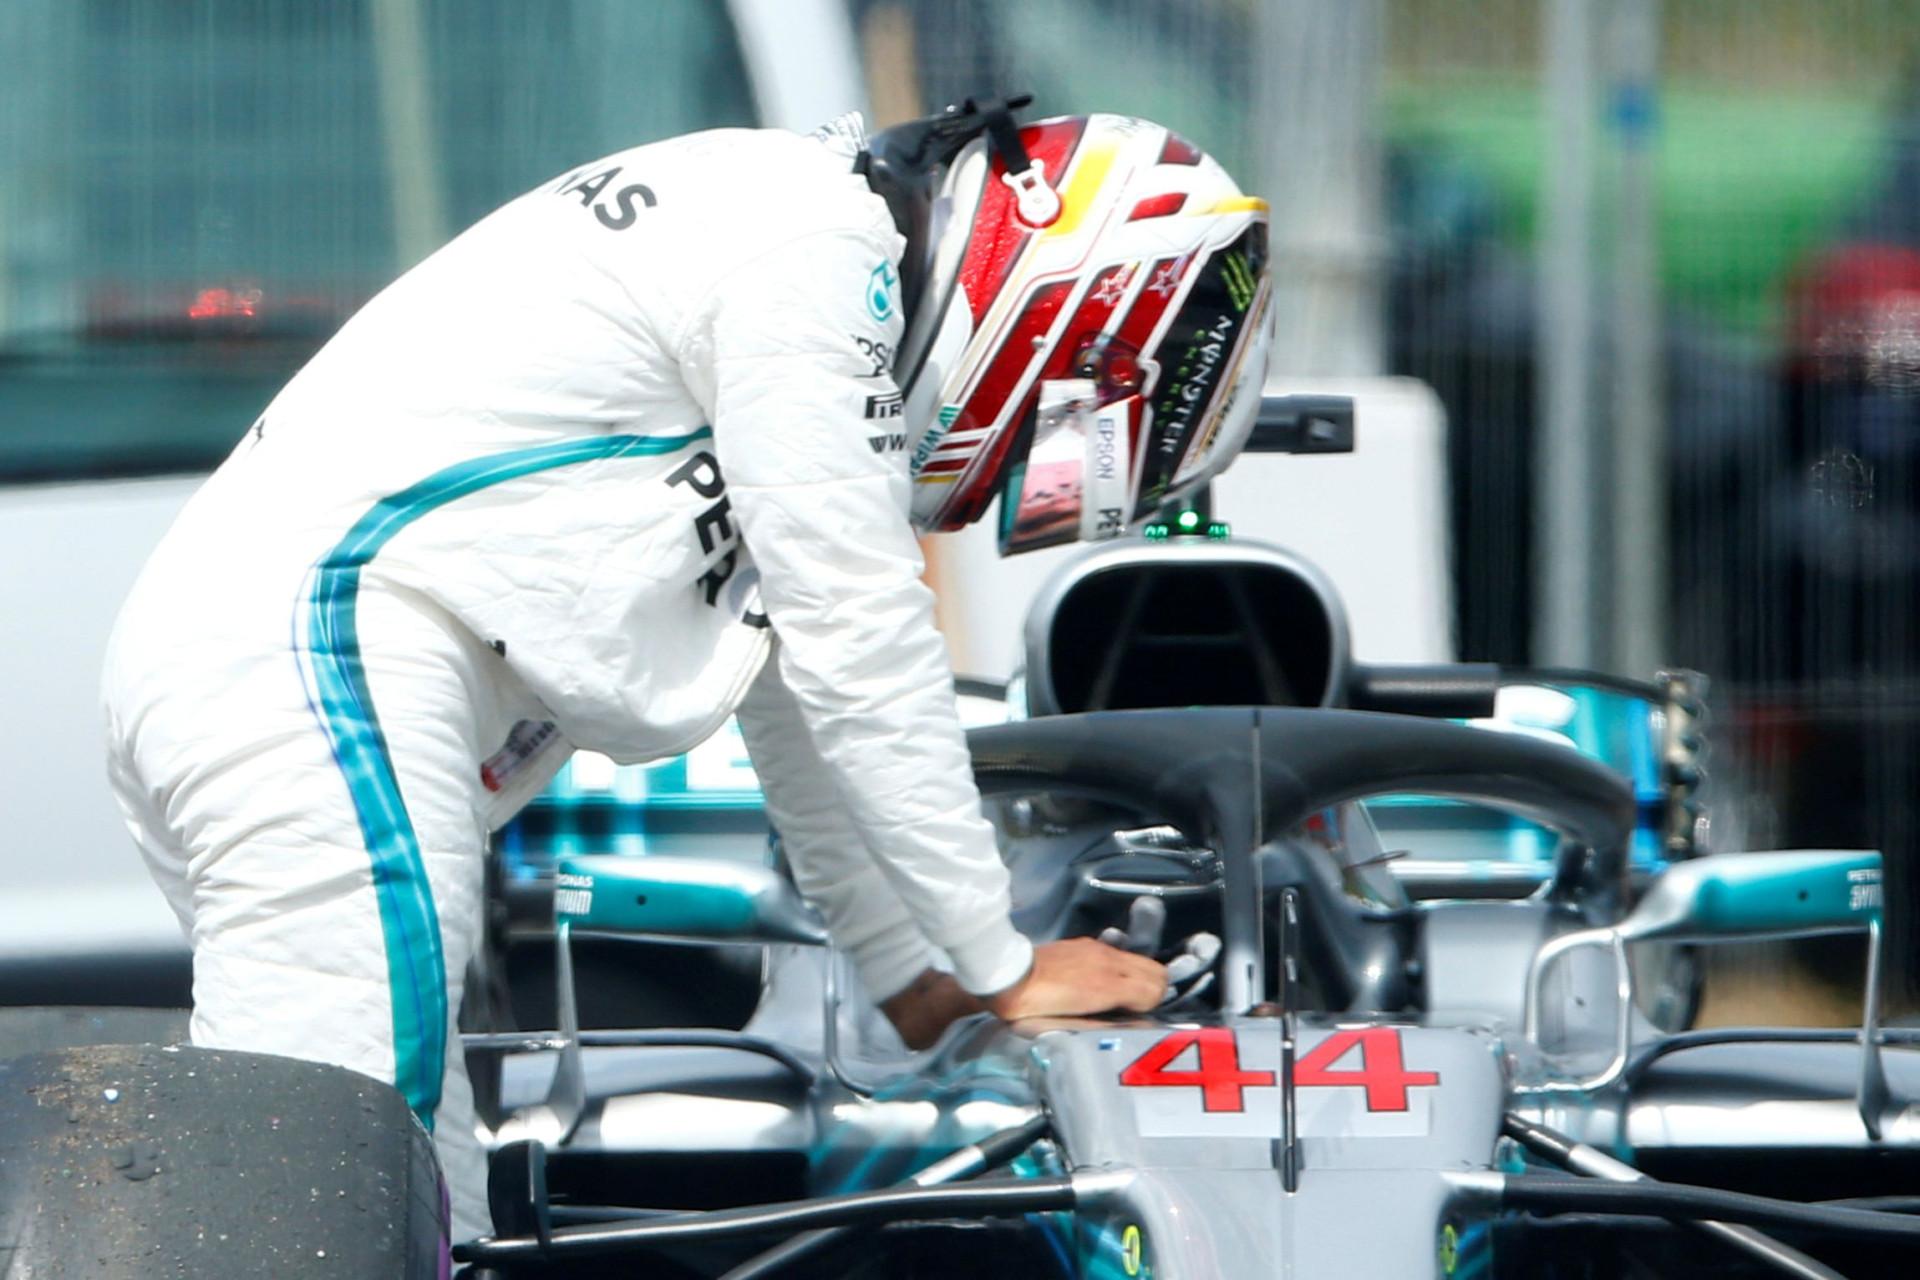 Desastre de Hamilton: Empurrou o carro até às boxes e terminou ajoelhado